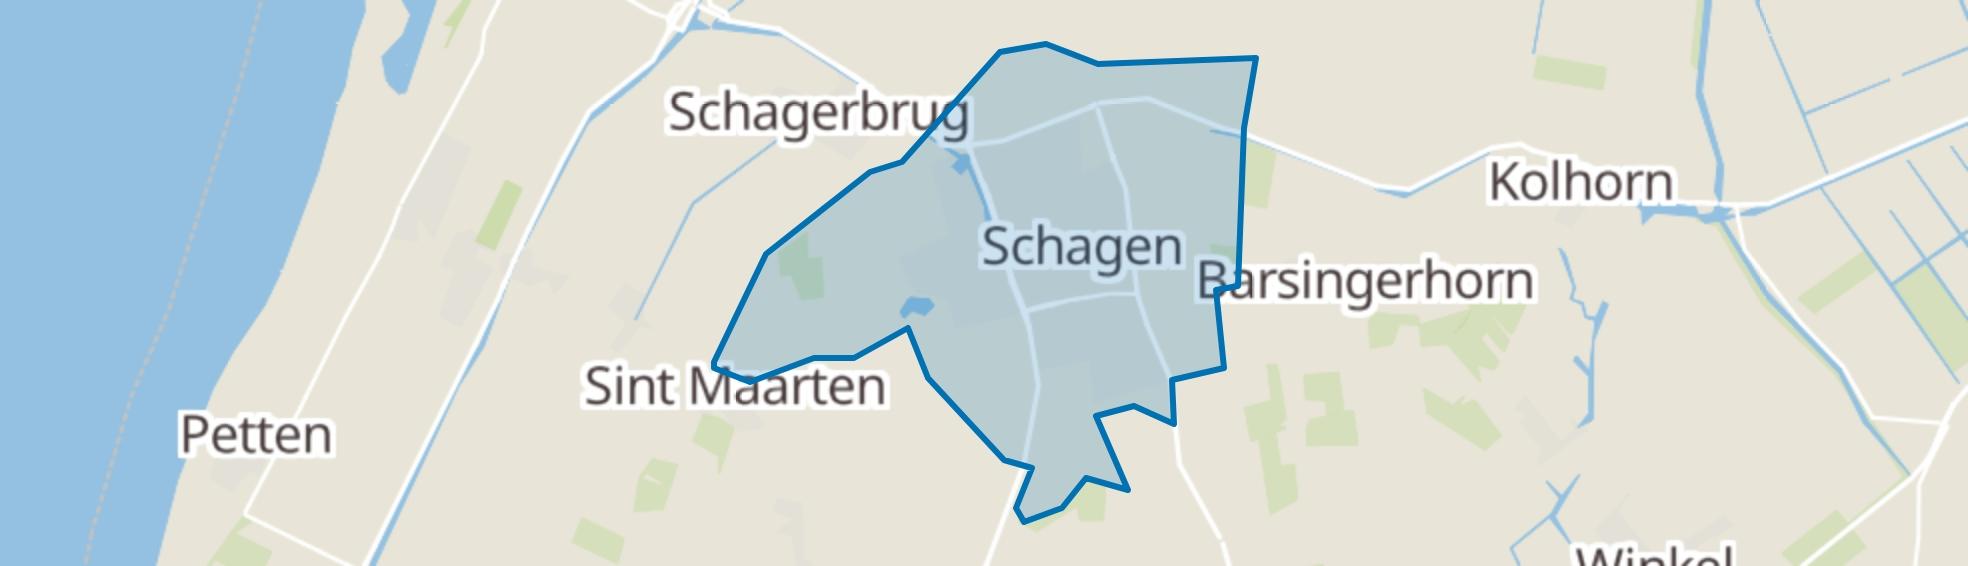 Schagen map